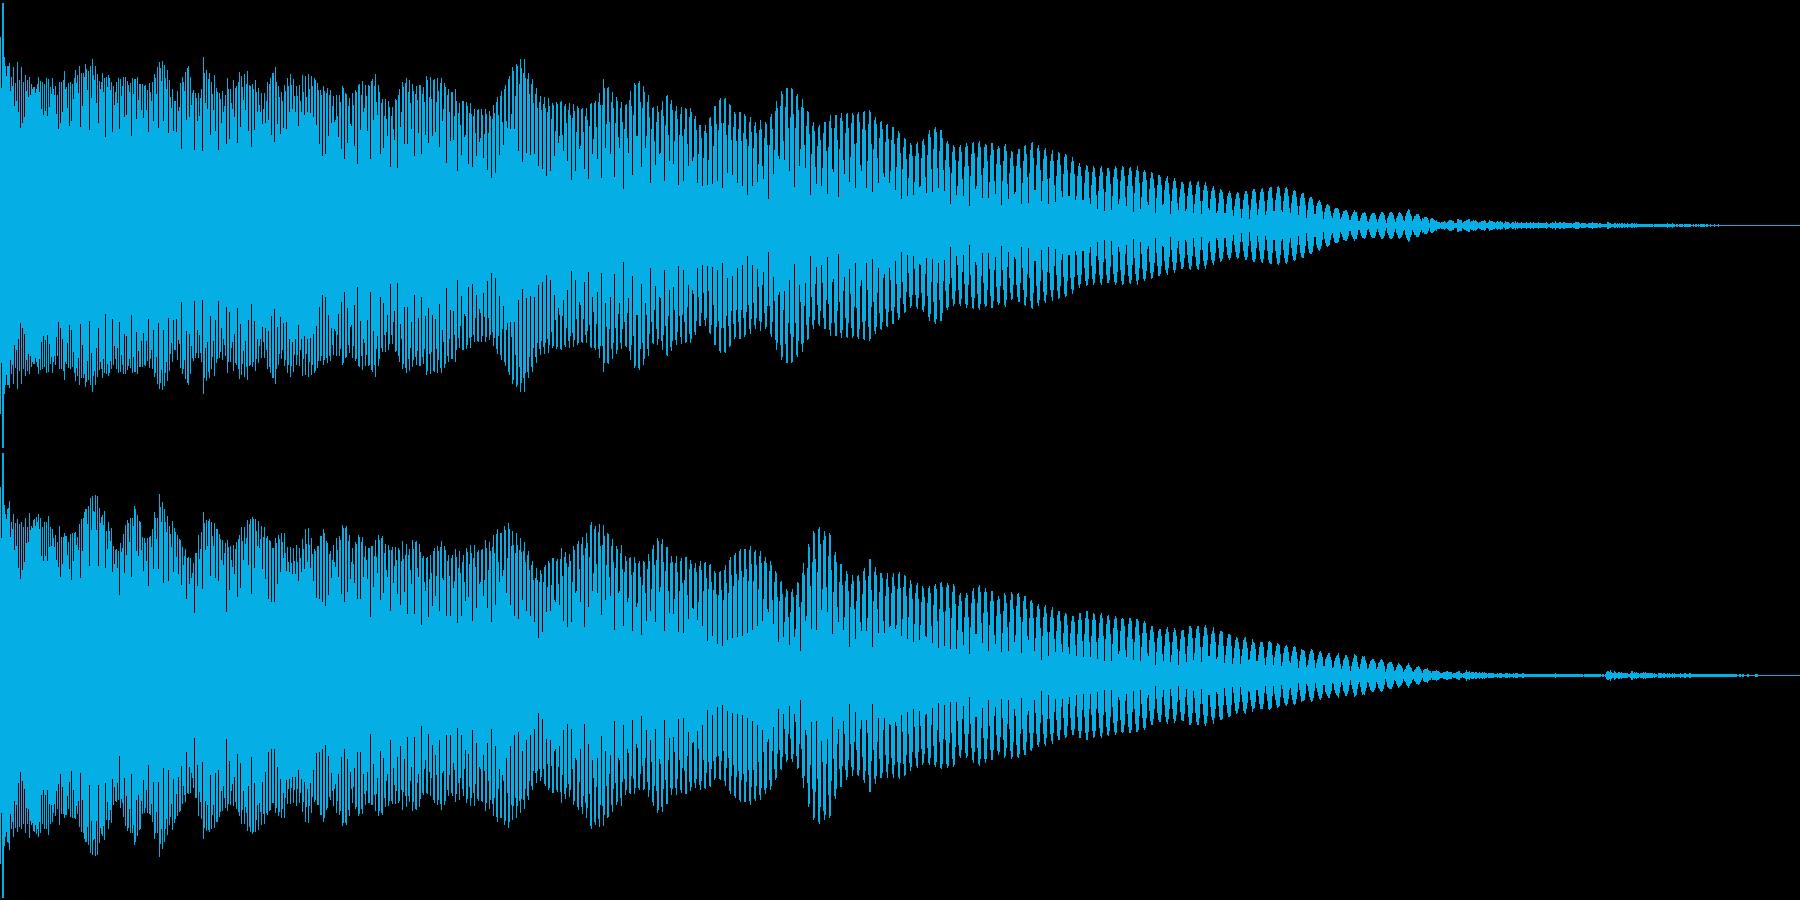 キック音 ブーンの再生済みの波形